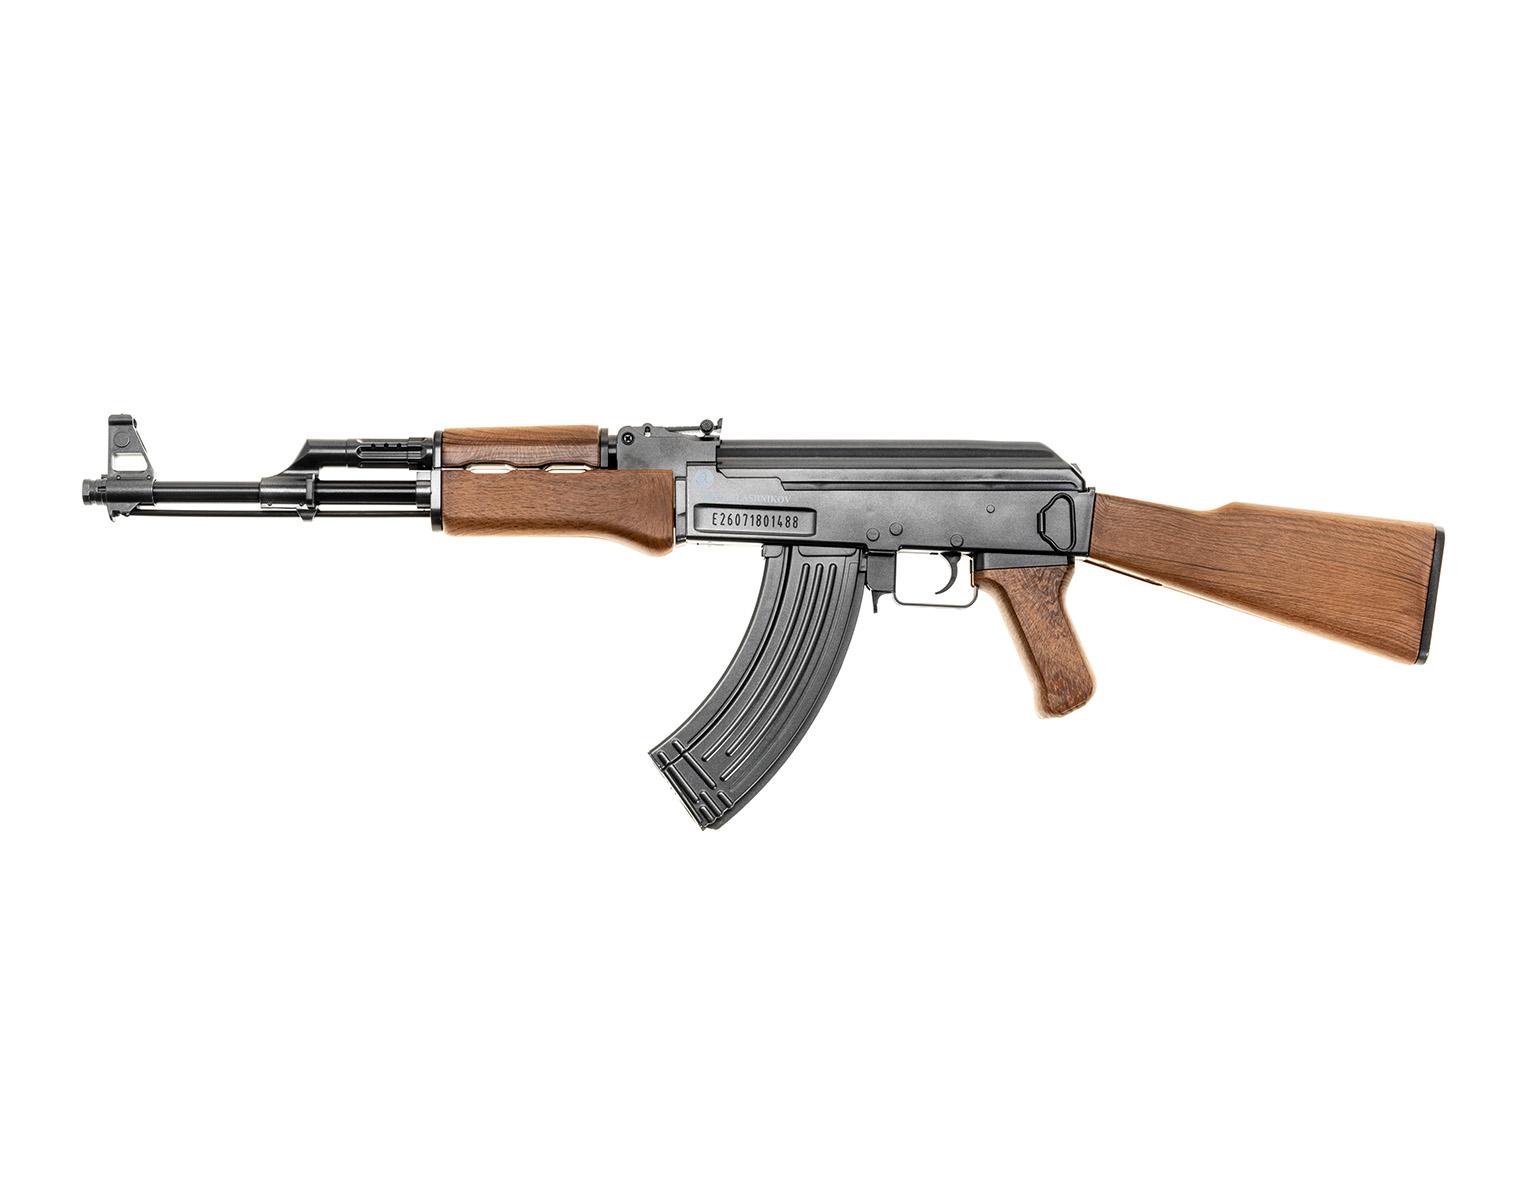 Karabinek ASG Cybergun AK47 SP